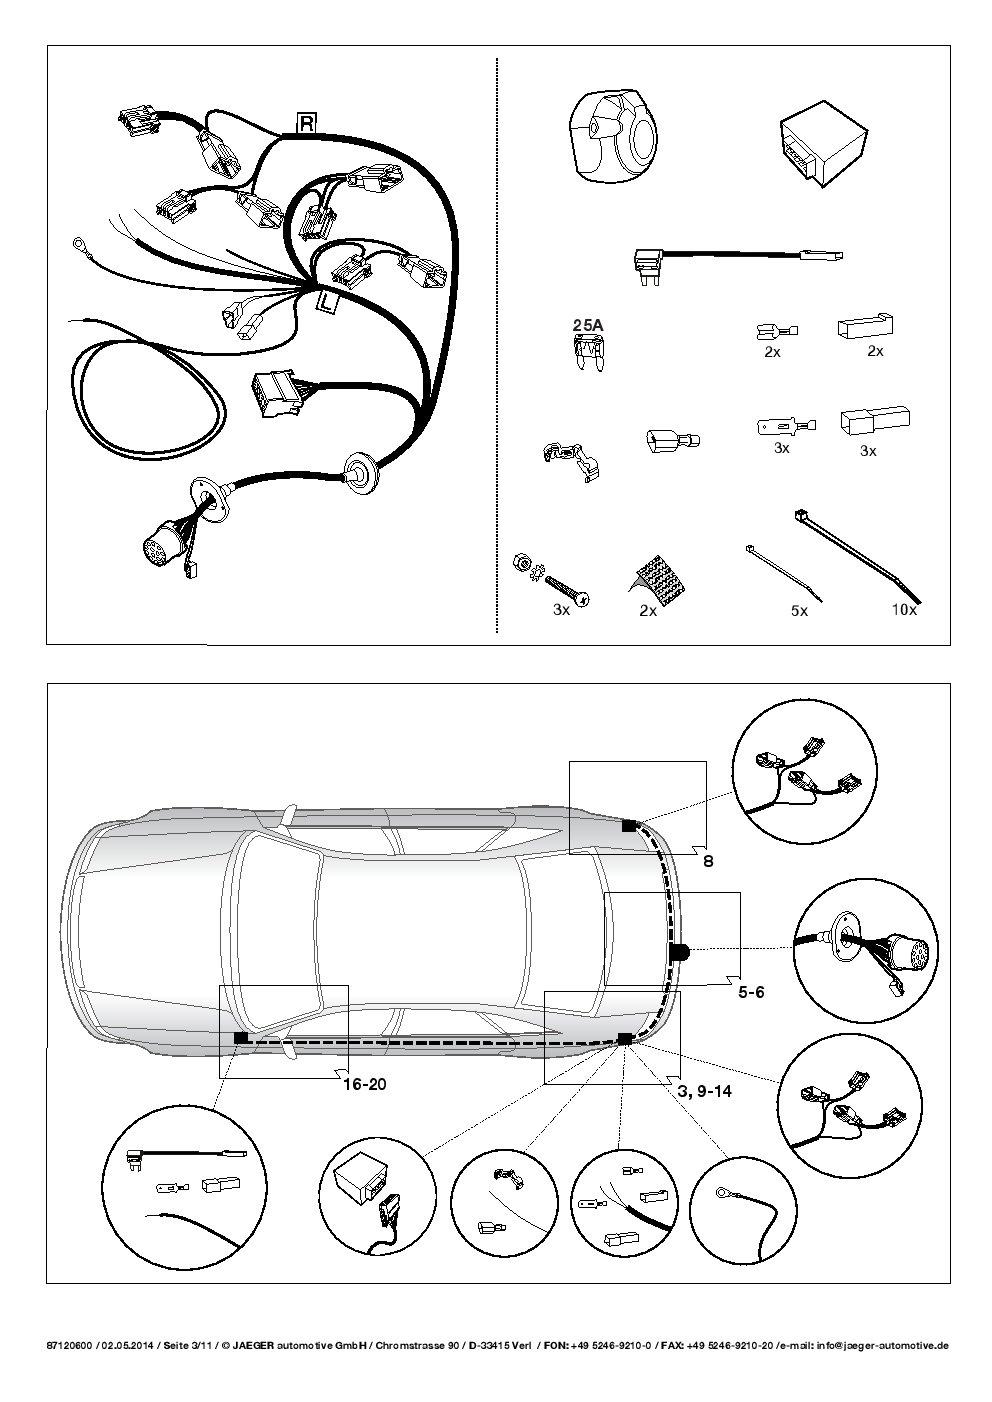 UmbraRimorchi Mazda CX-5 2-4WD 2012-2015 Vertikal Anh/ängerkupplung mit Abnehmbarem Kugelkopf mit 13p Spezif ESatz UT220COR06ZVMM//WS21120508DE1